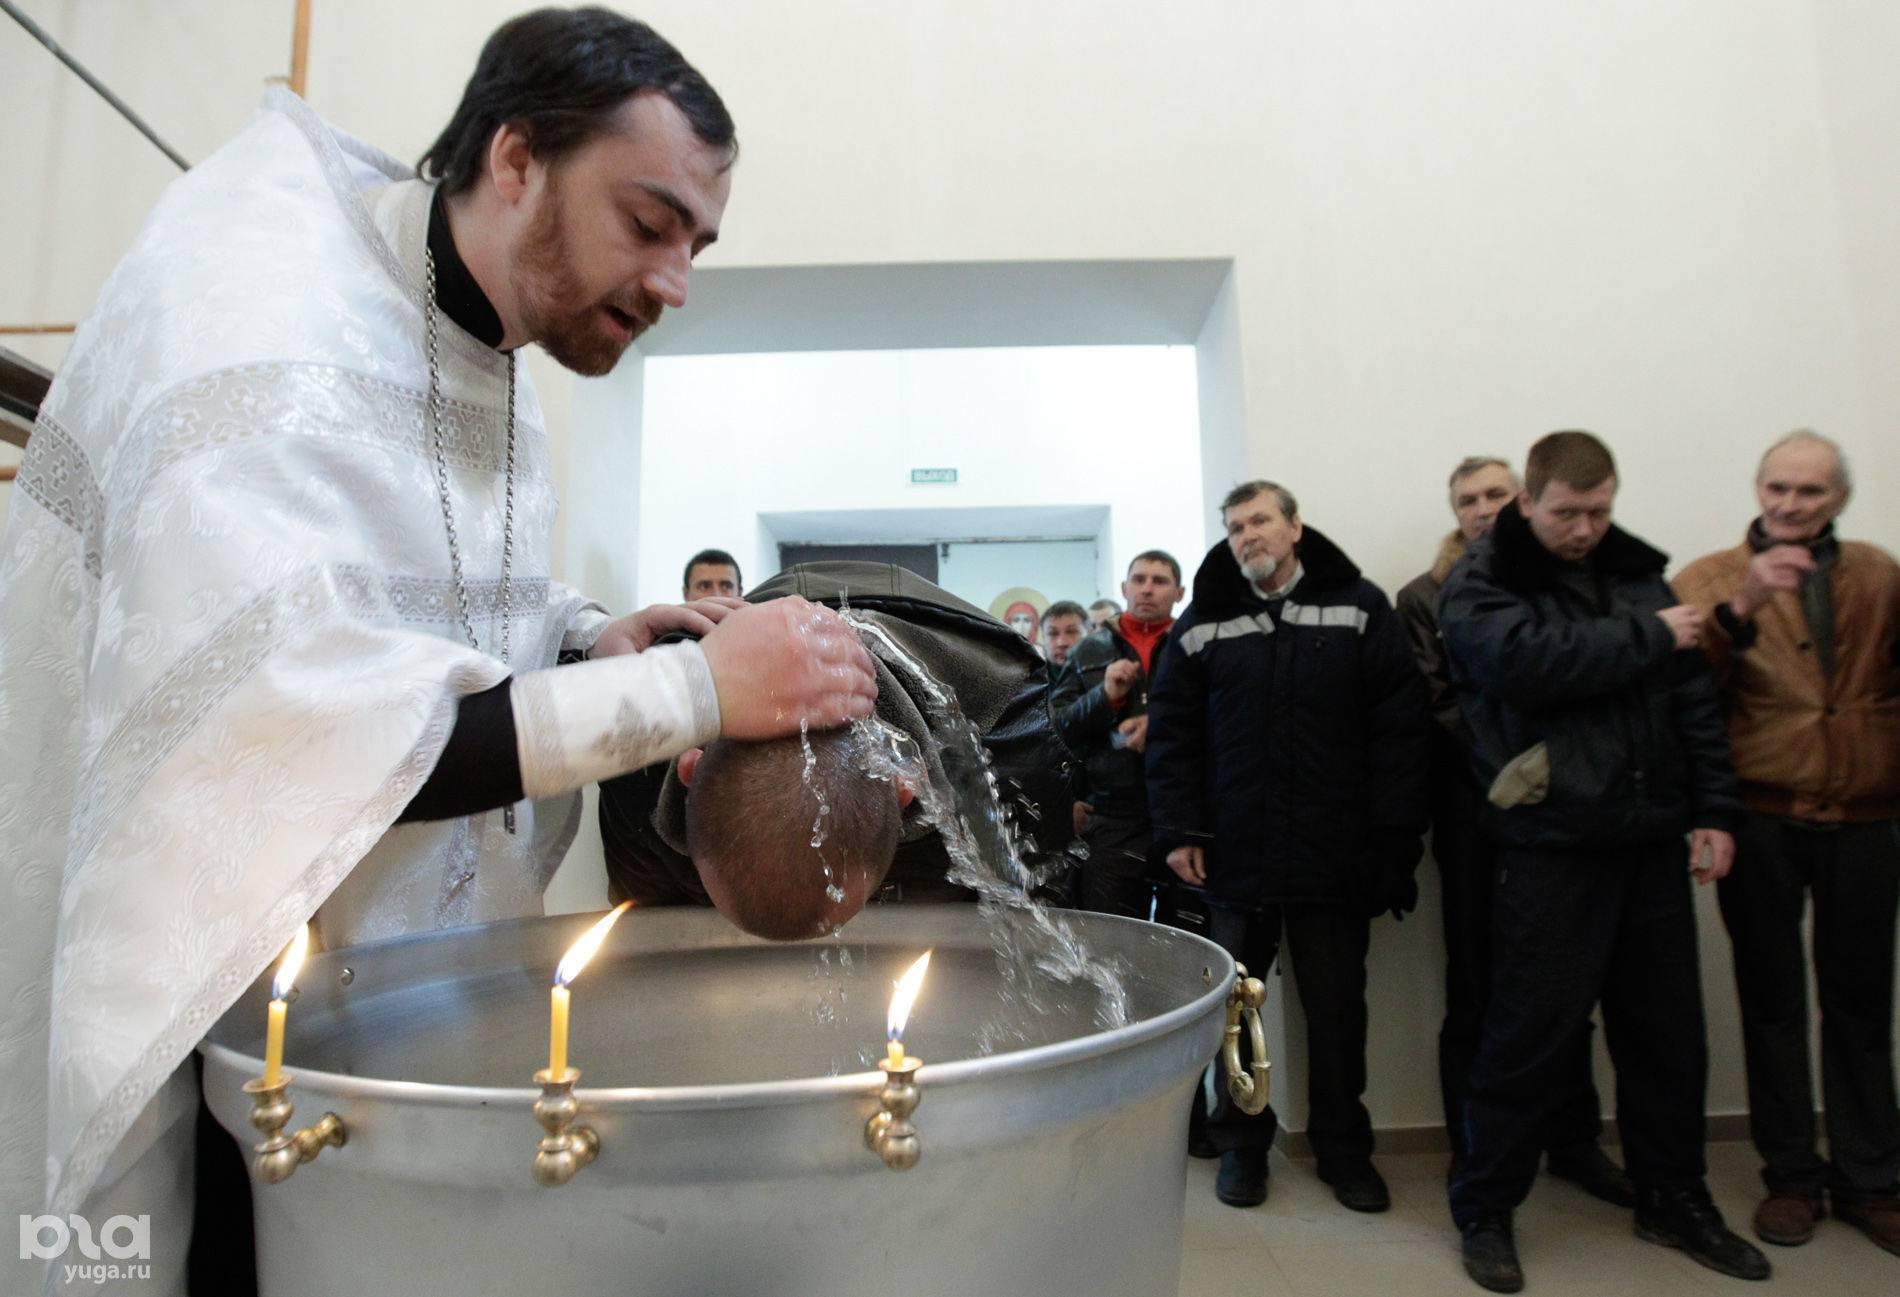 Где пройти лечение алкоголизма в москве бесплатно? помощь алкоголикам!